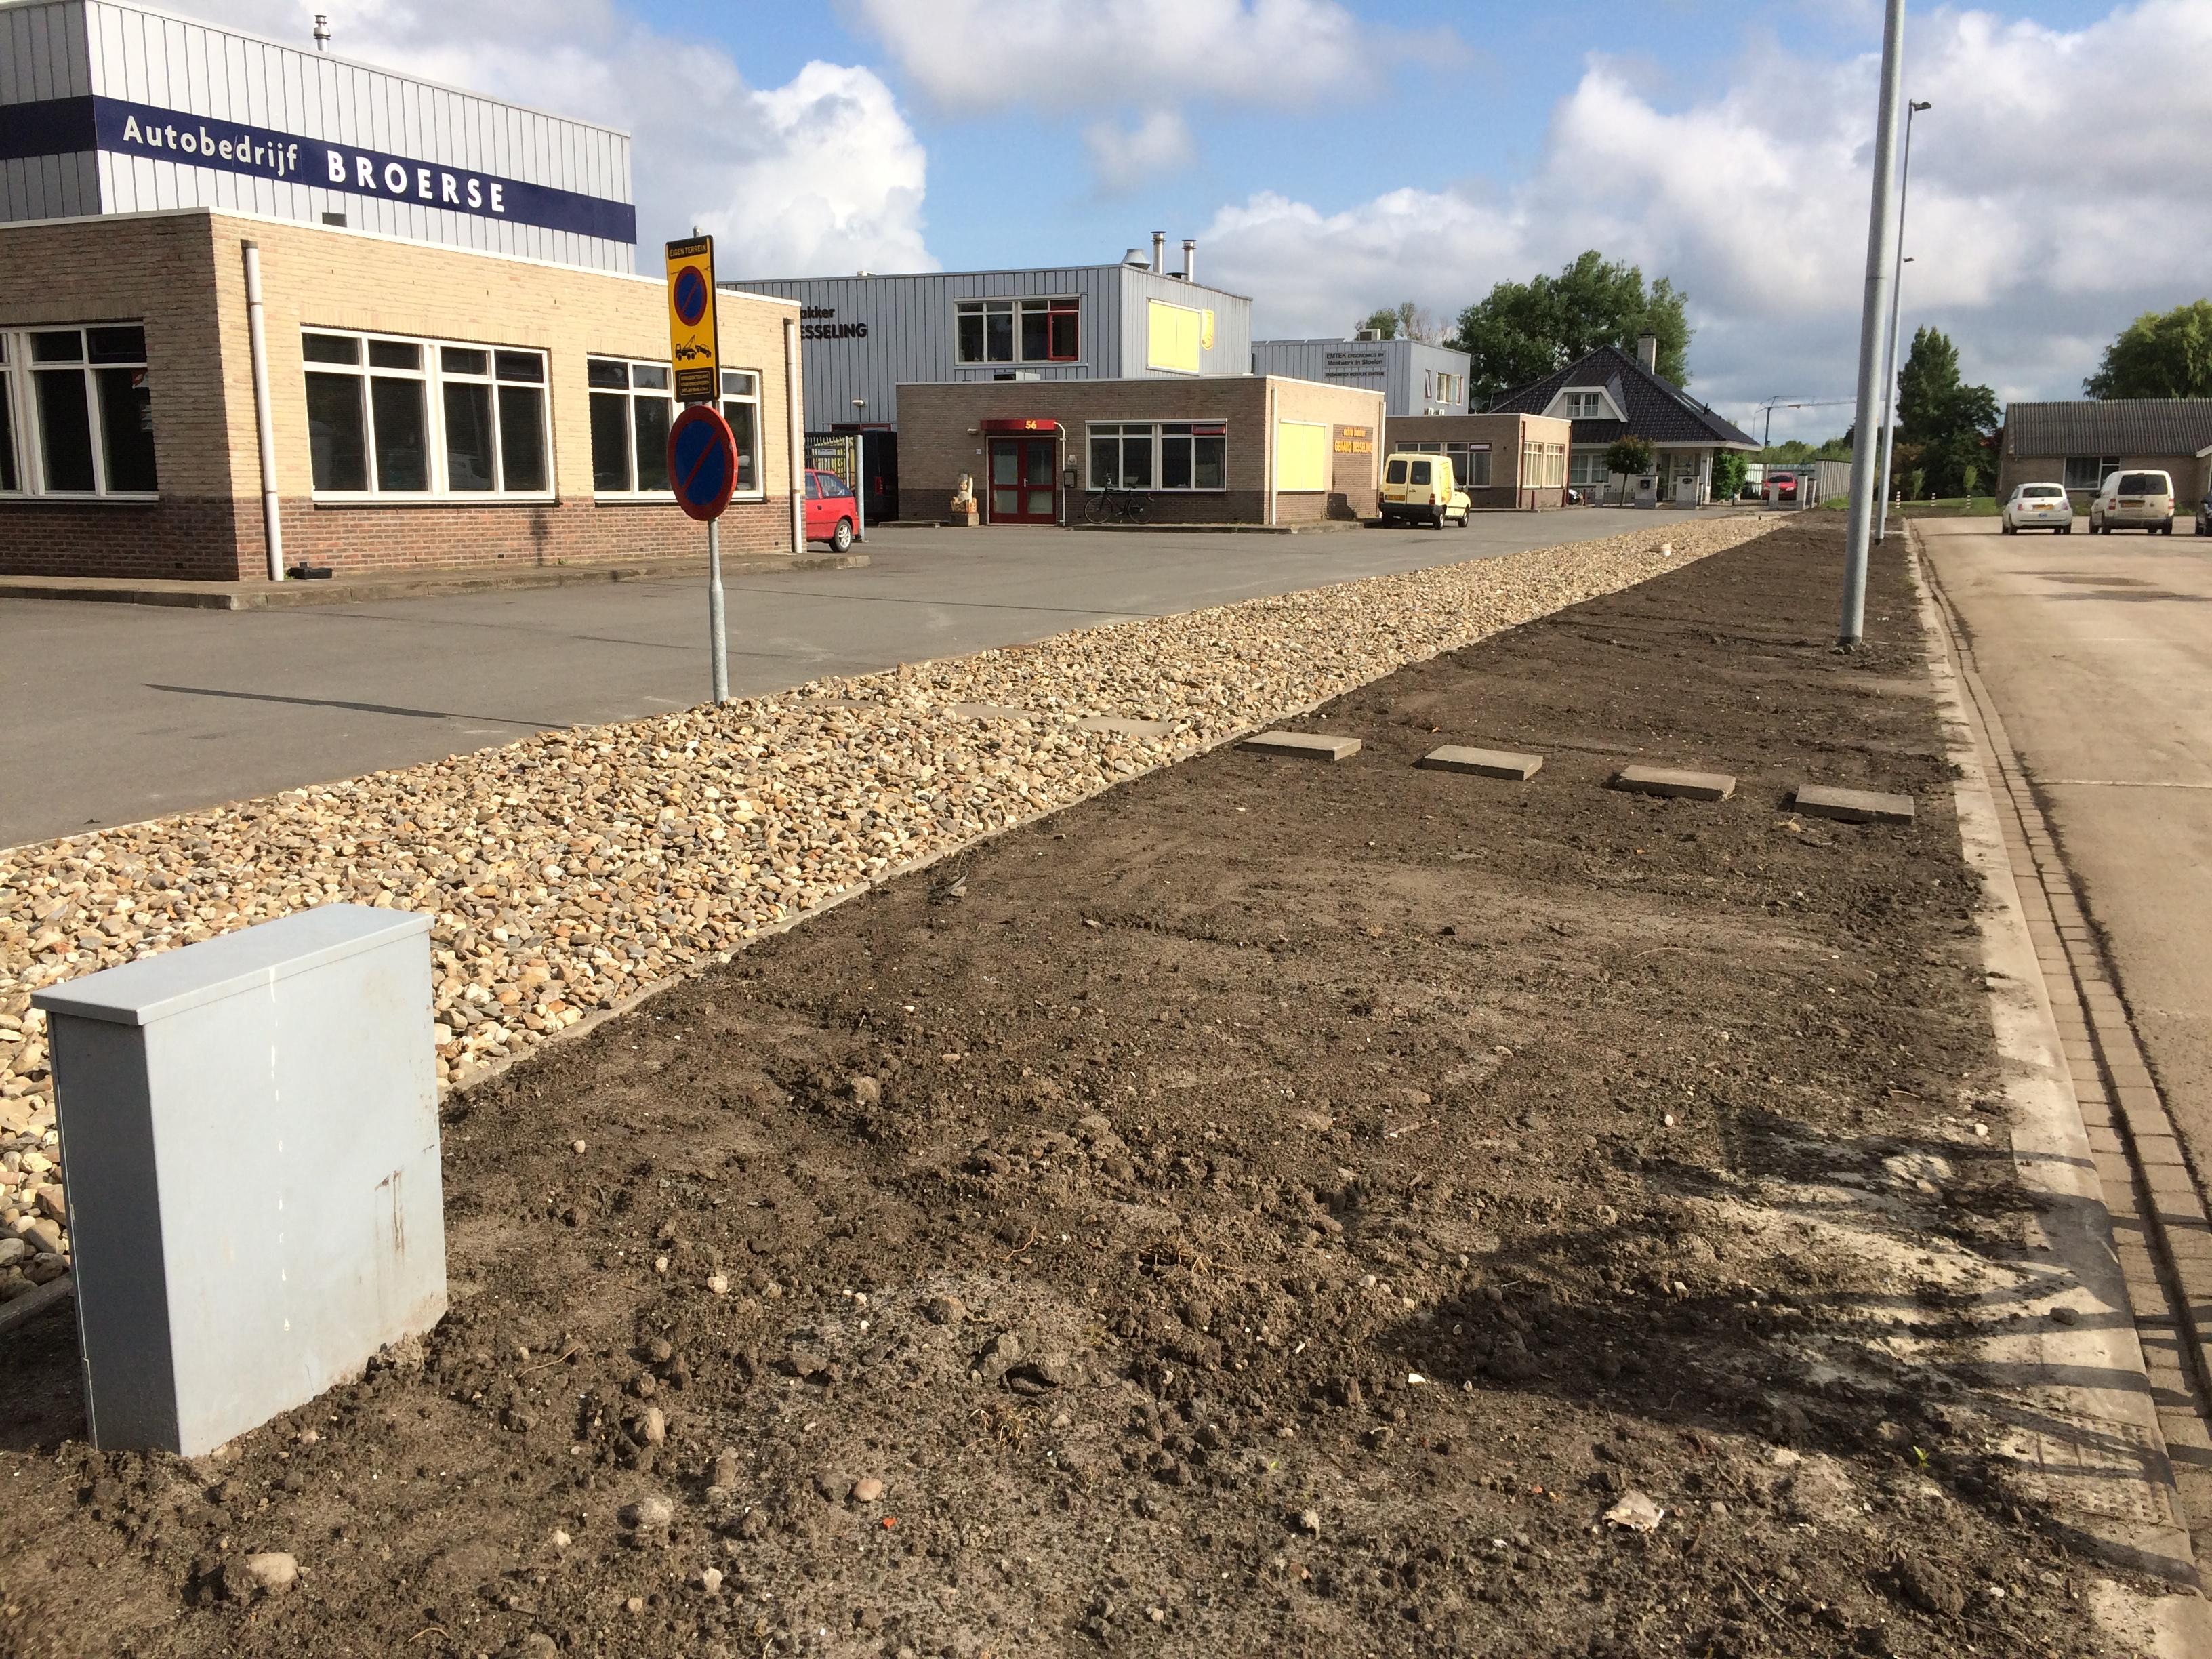 Oplevering vervangen rioolgemaal inclusief riool aan de Wijzend in Grootebroek